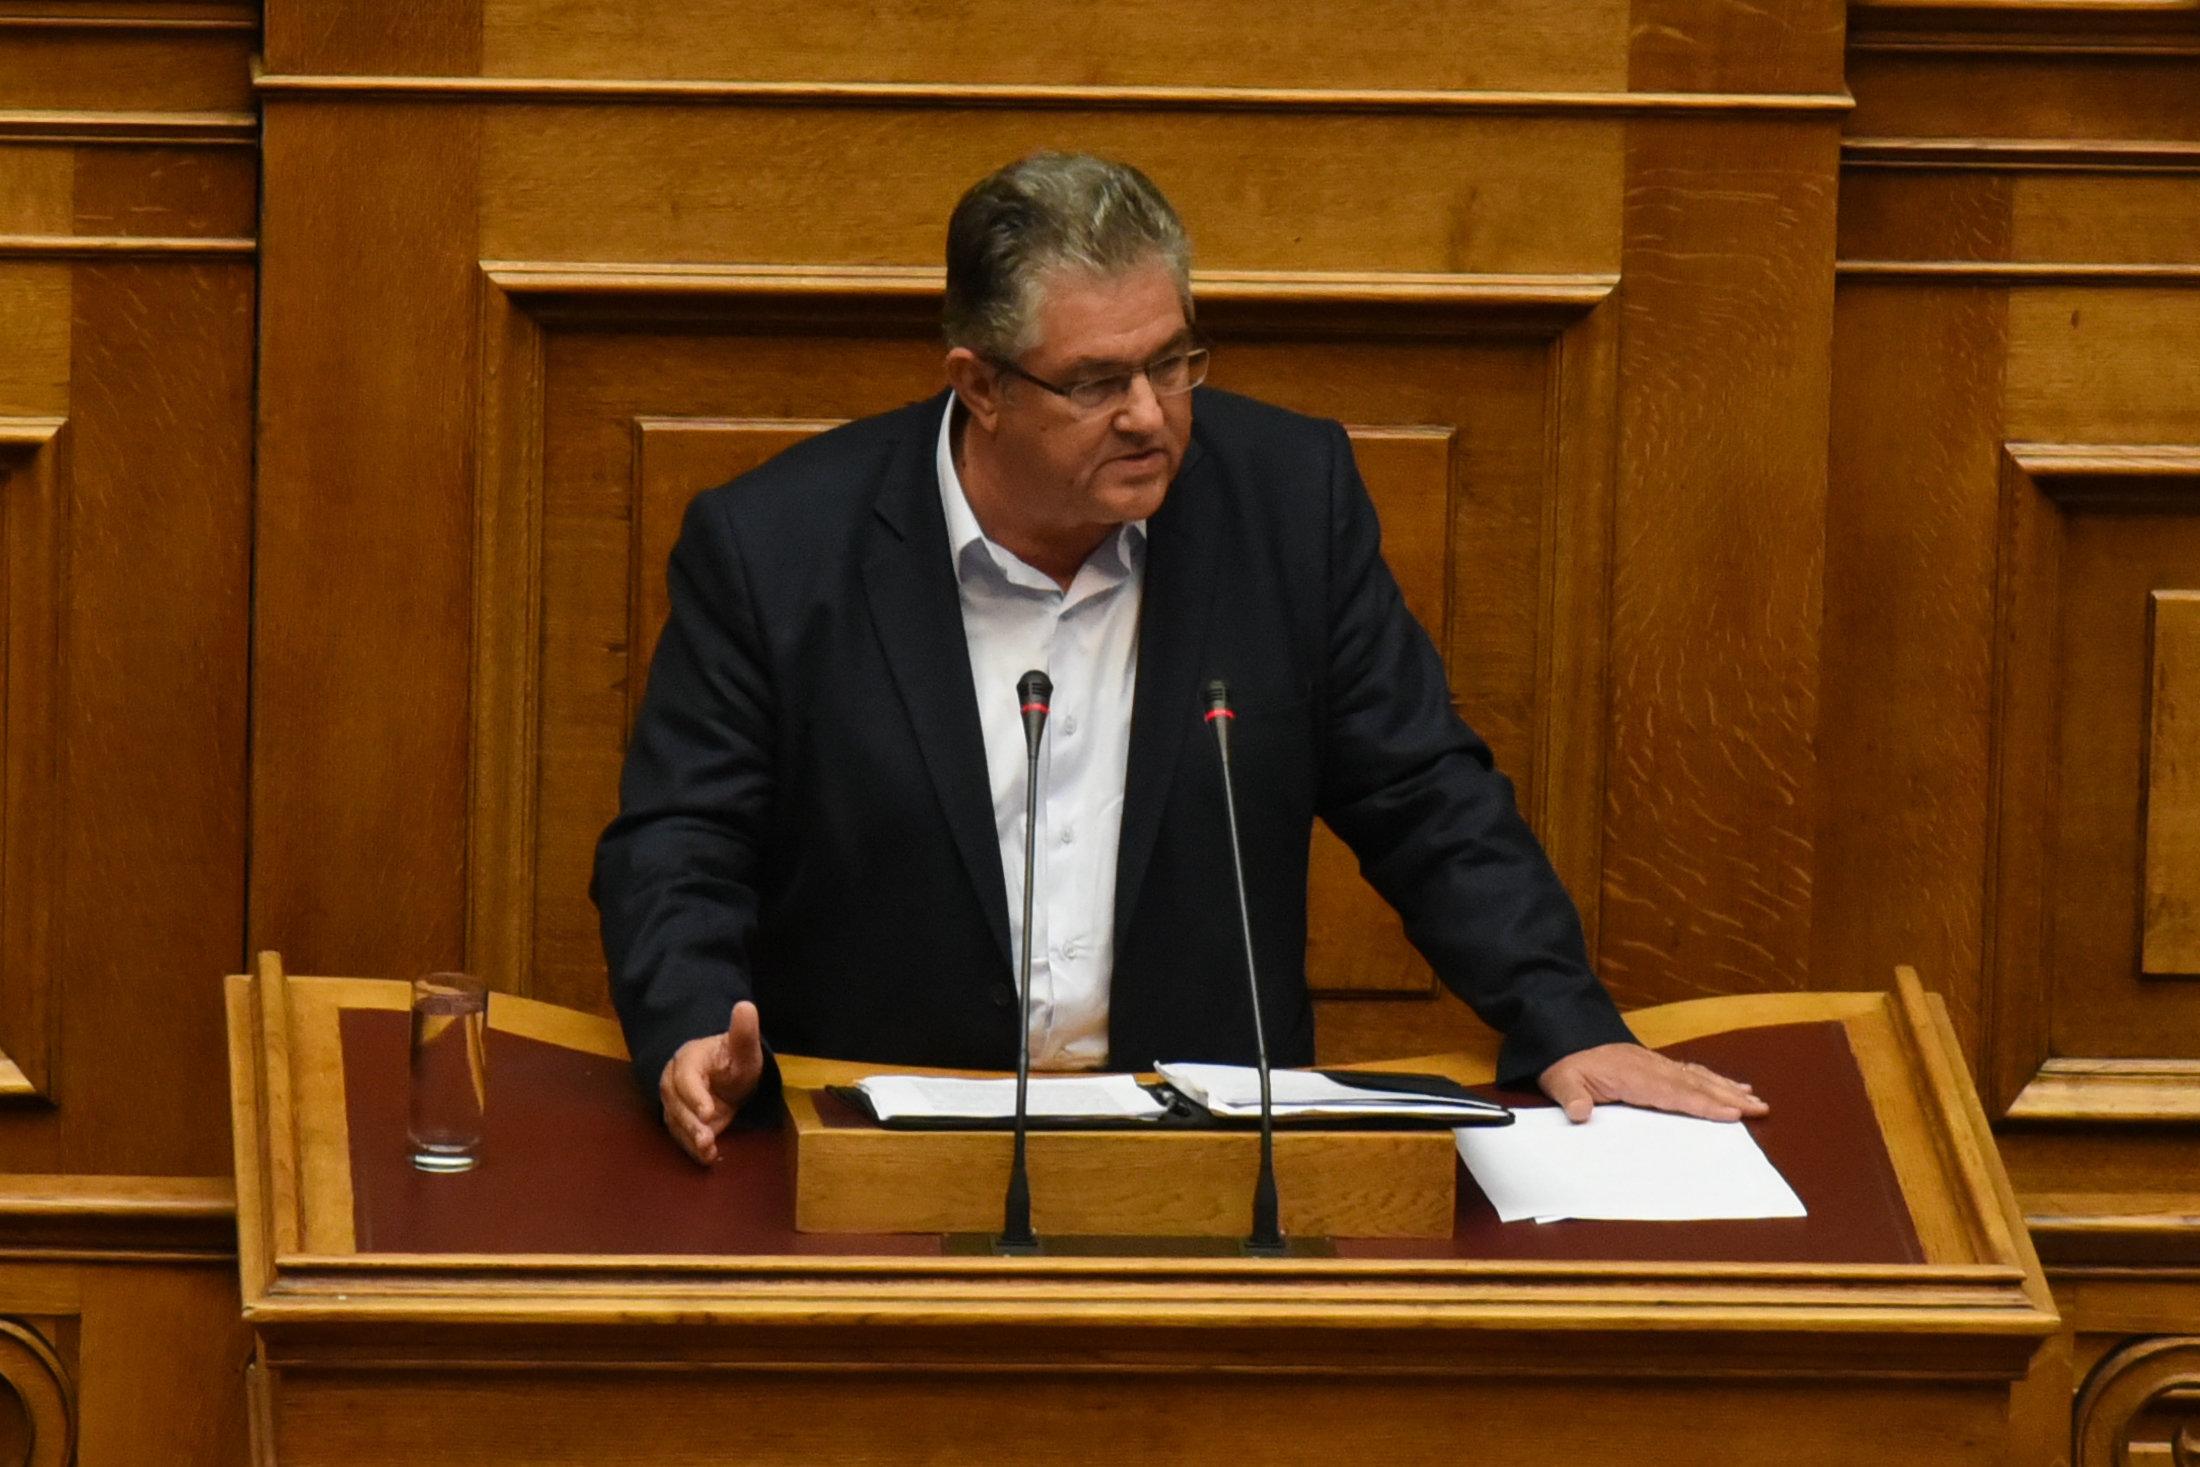 Κουτσούμπας για τους Έλληνες στρατιωτικούς: Η κυβέρνηση ευθύνεται για το χειρισμό του